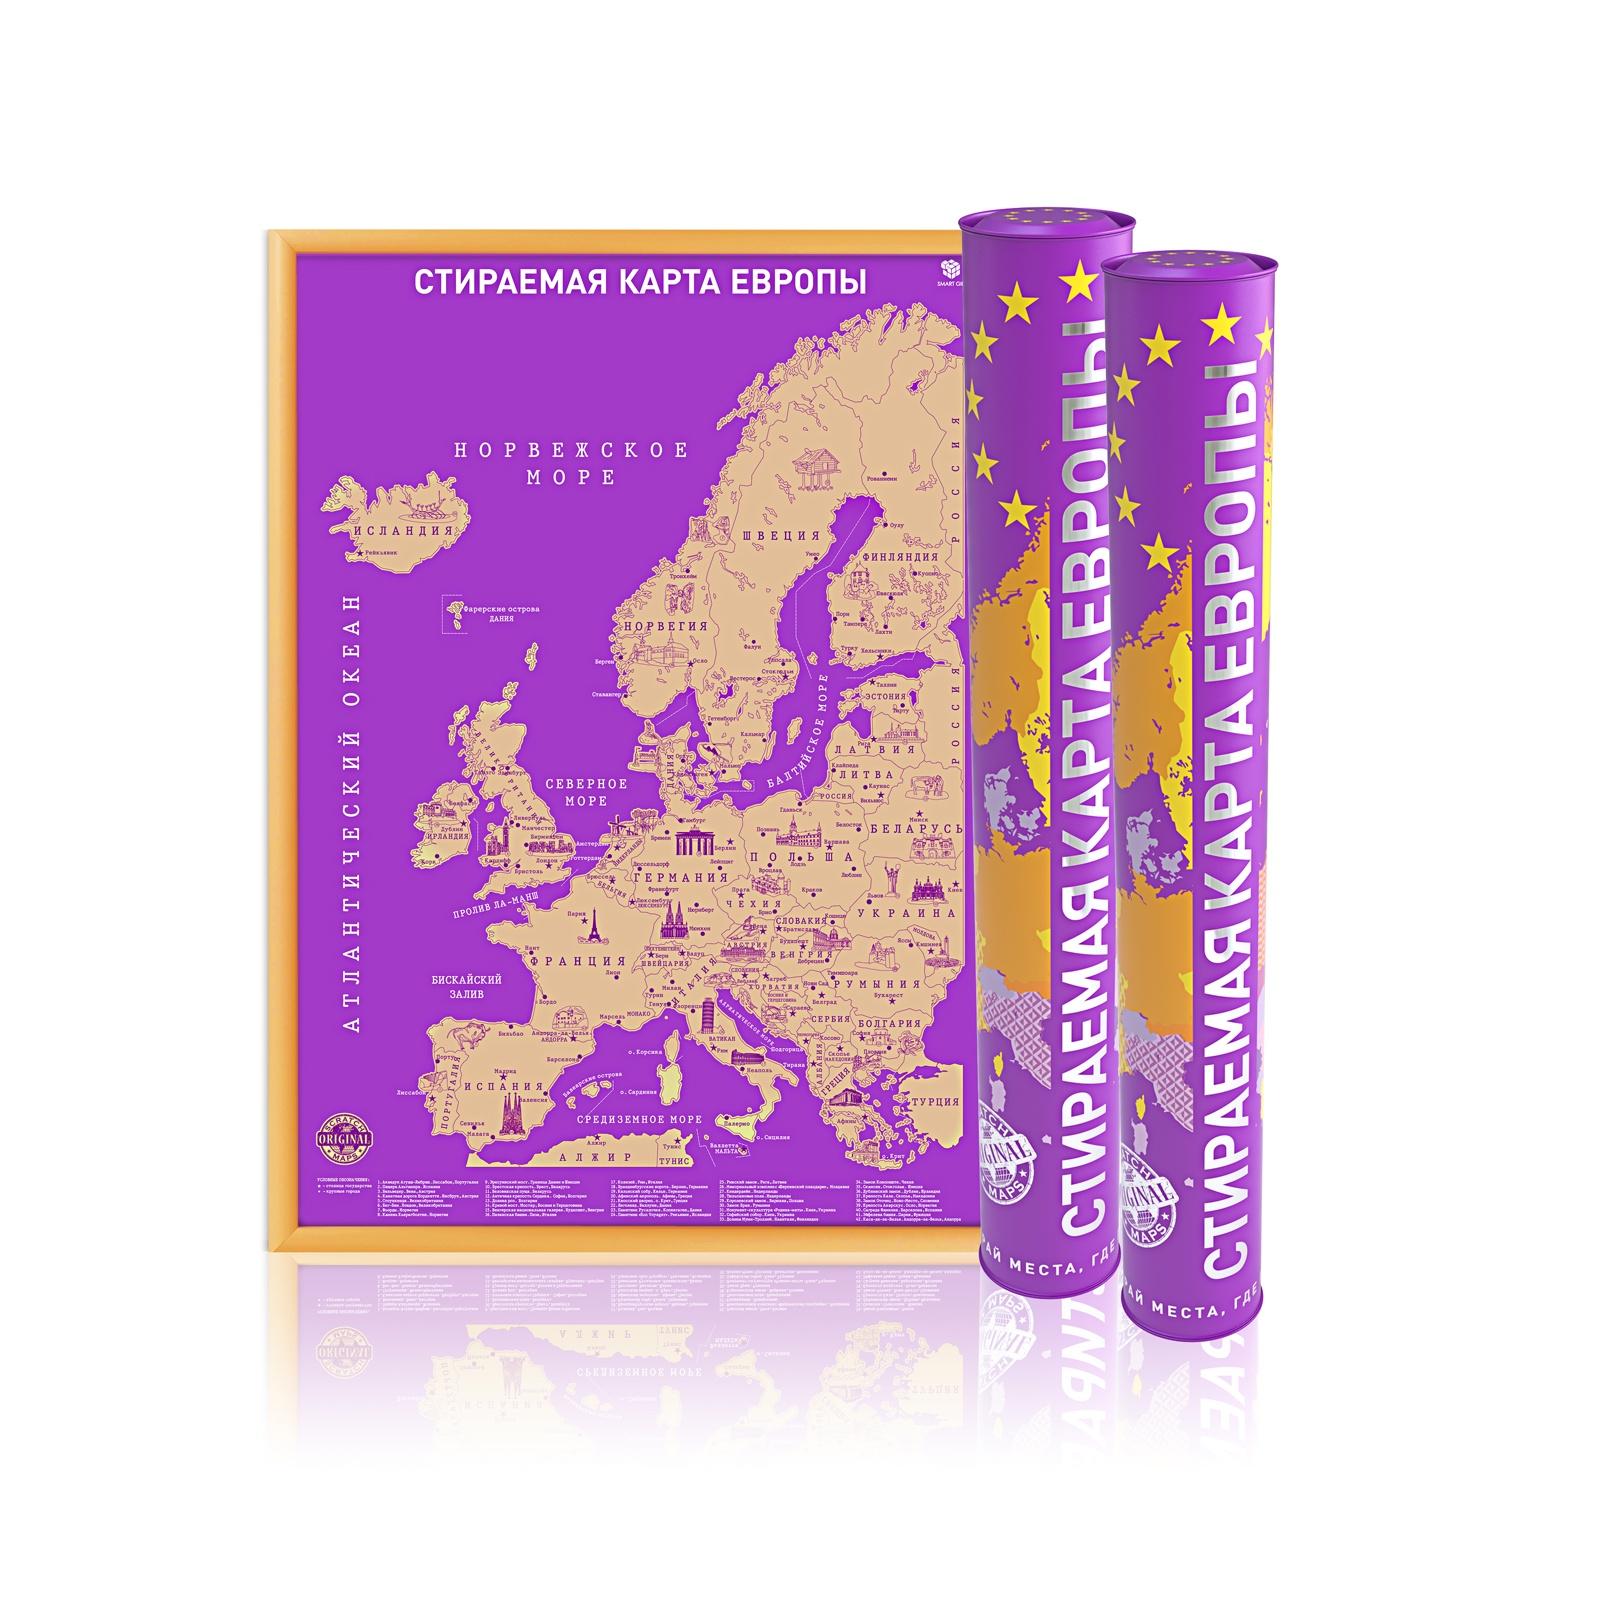 Скретч-карта мира European Edition А2, 59х42см, в прочном цилиндрическом тубусе скретч карта мира new color edition фиолетовая а2 59х42см в прочном цилиндрическом тубусе